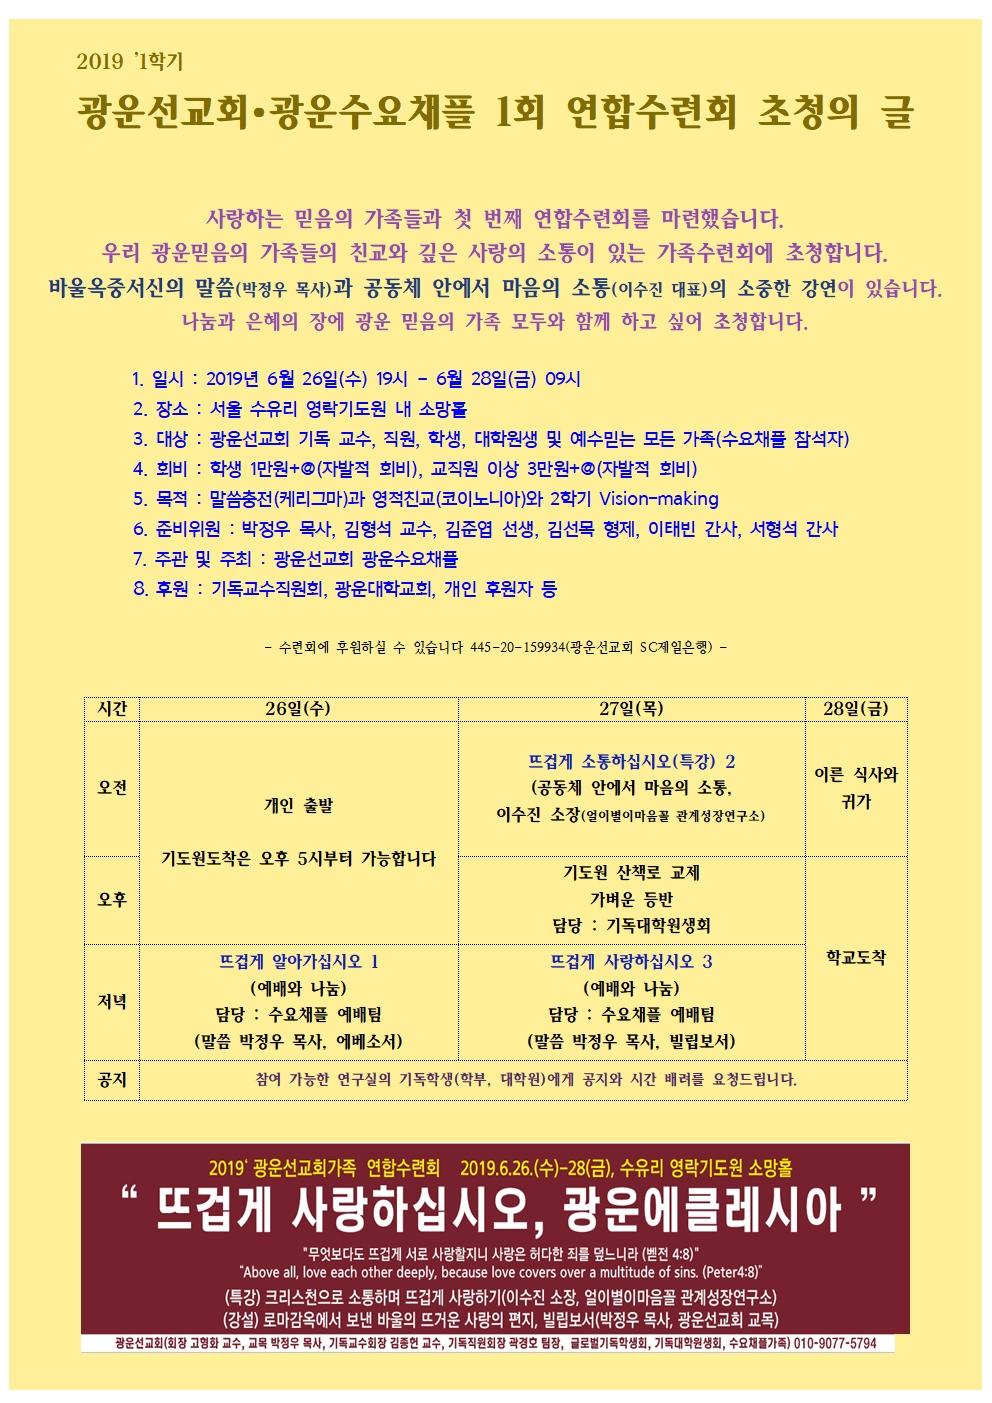 2019 광운수요채플연합수련회(뜨거게사랑하십시오) 전체홍보지001.jpg